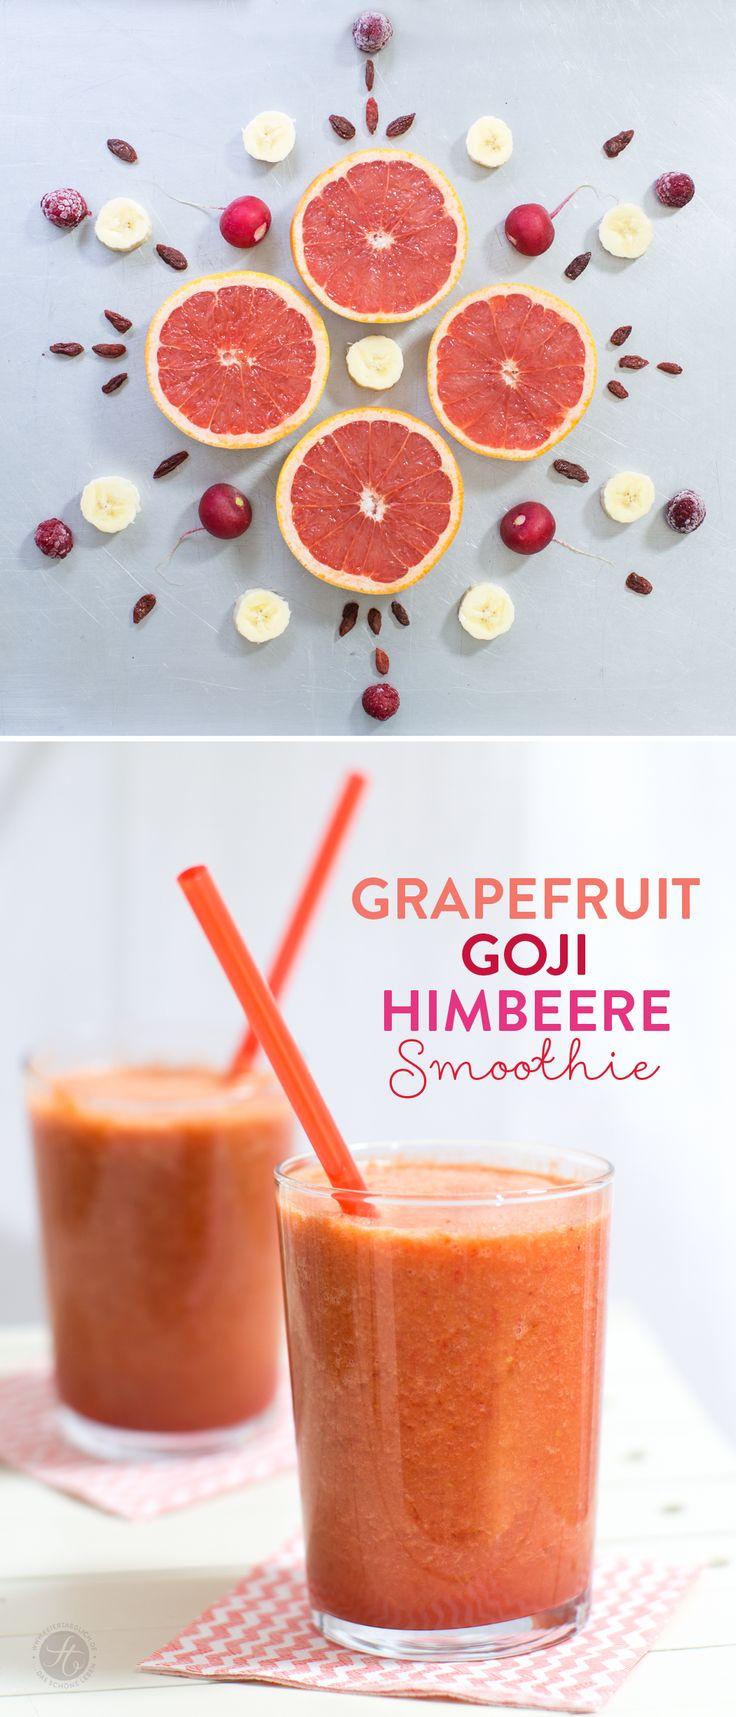 Grapefruit-Goji-Himbeere Smoothie – Lieblingsfarbe zum Trinken, #SmoothieMontag auf feiertäglich.de